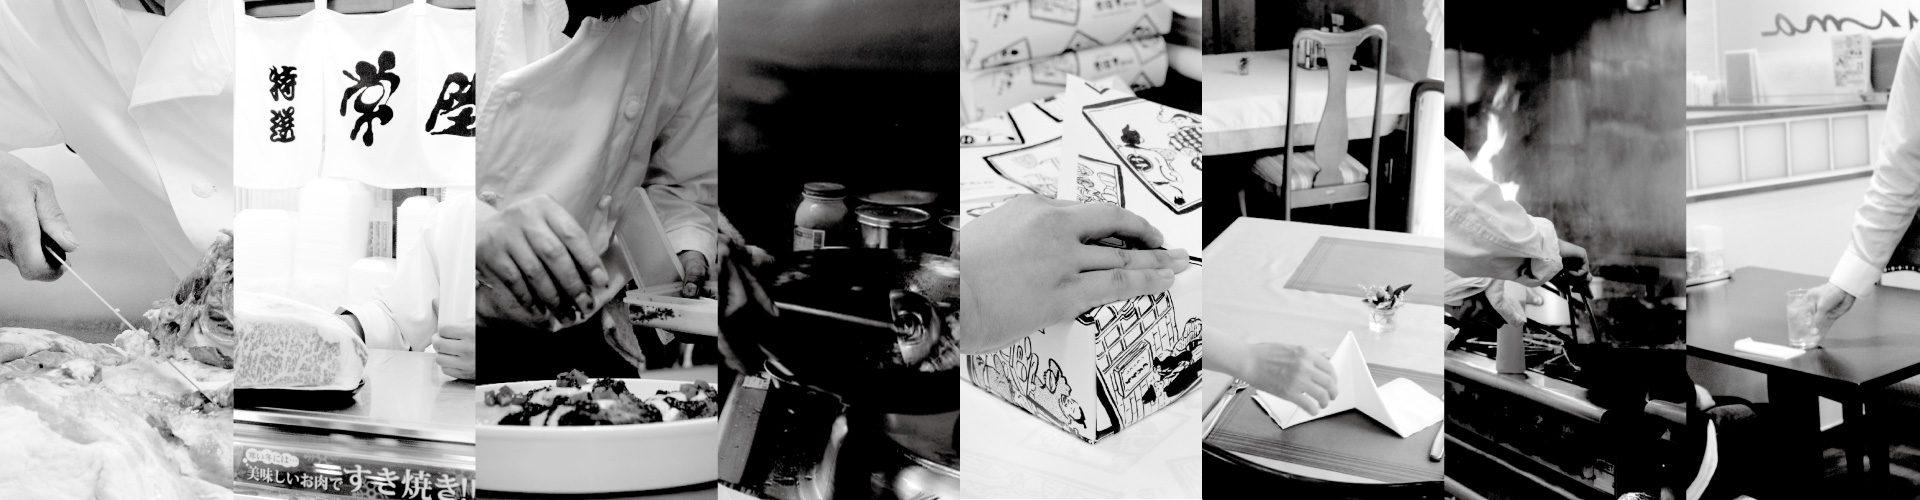 レストラン・飲食店・接客・ホール・フロント・店長・マネージャー・WEB・DTP・デザイン・通販・小売り・レジ・ベーカリー・ピッツァ・パン